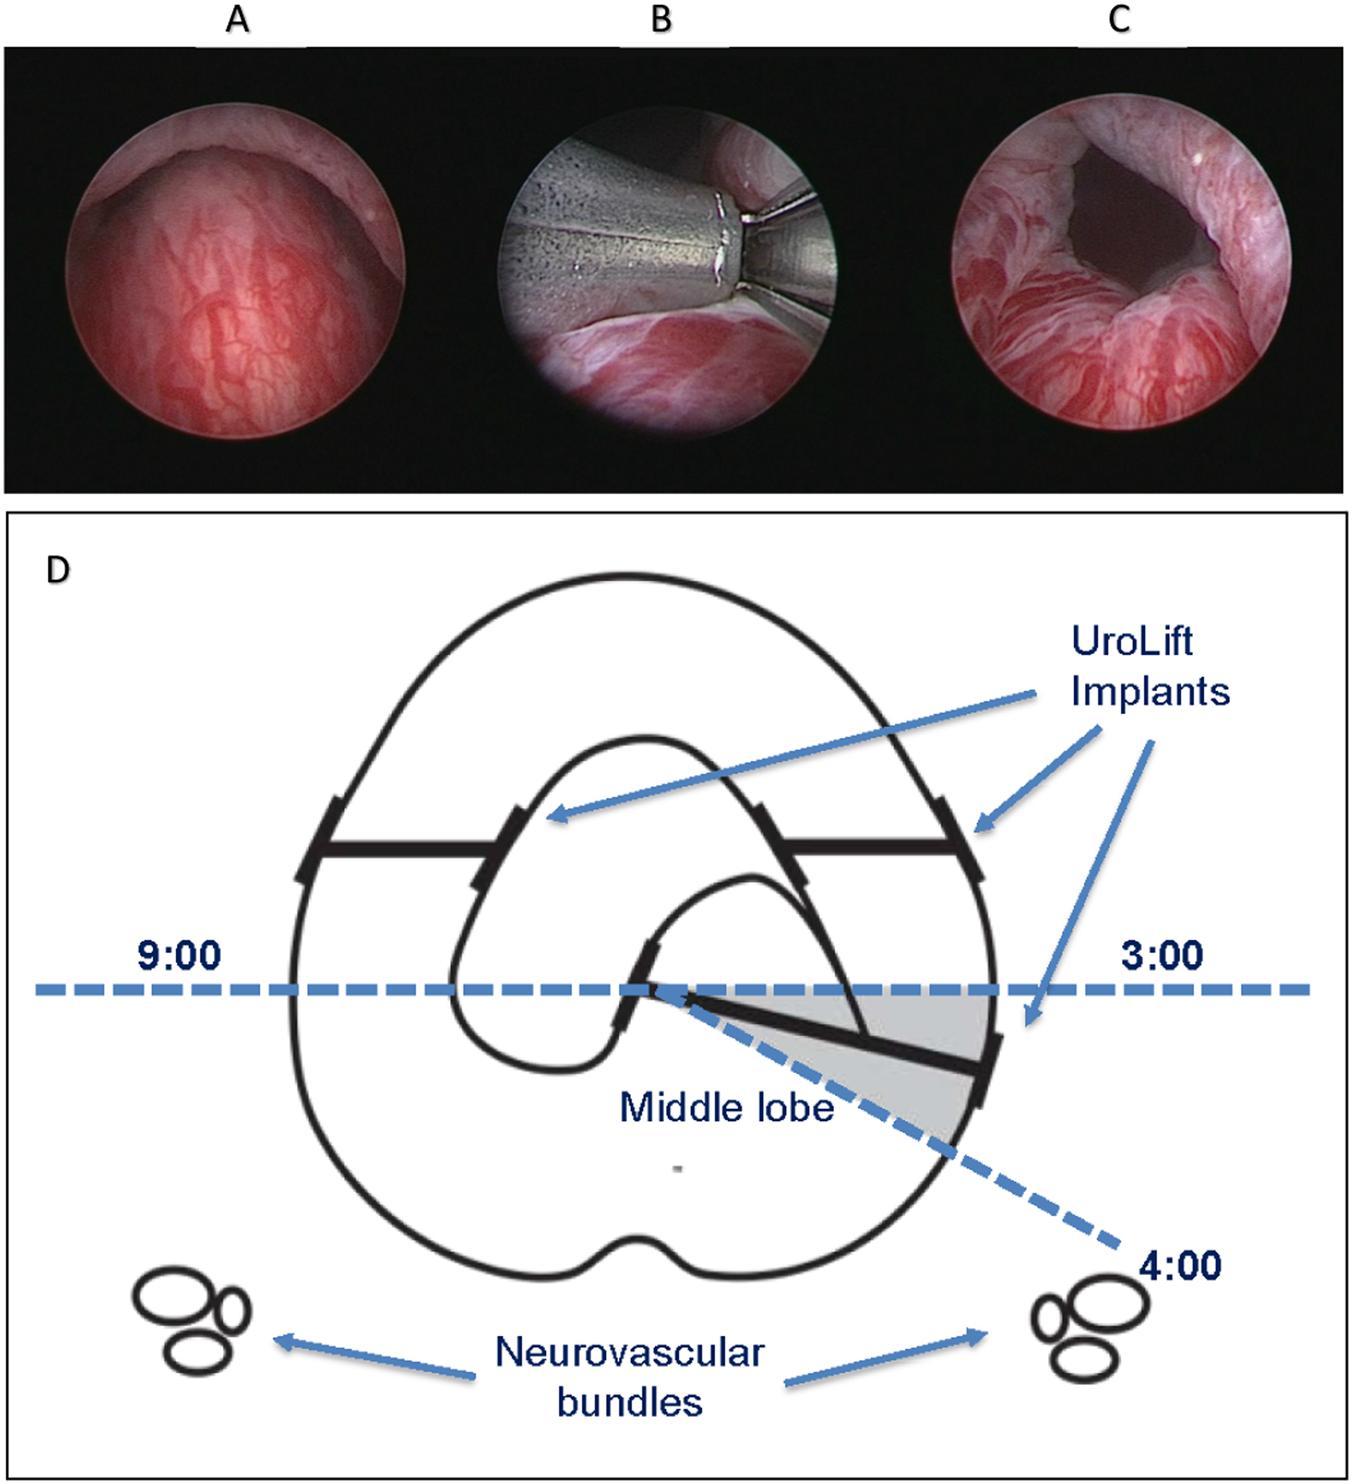 Prostatic Urethral Lift Pul For Obstructive Median Lobes 12 Month